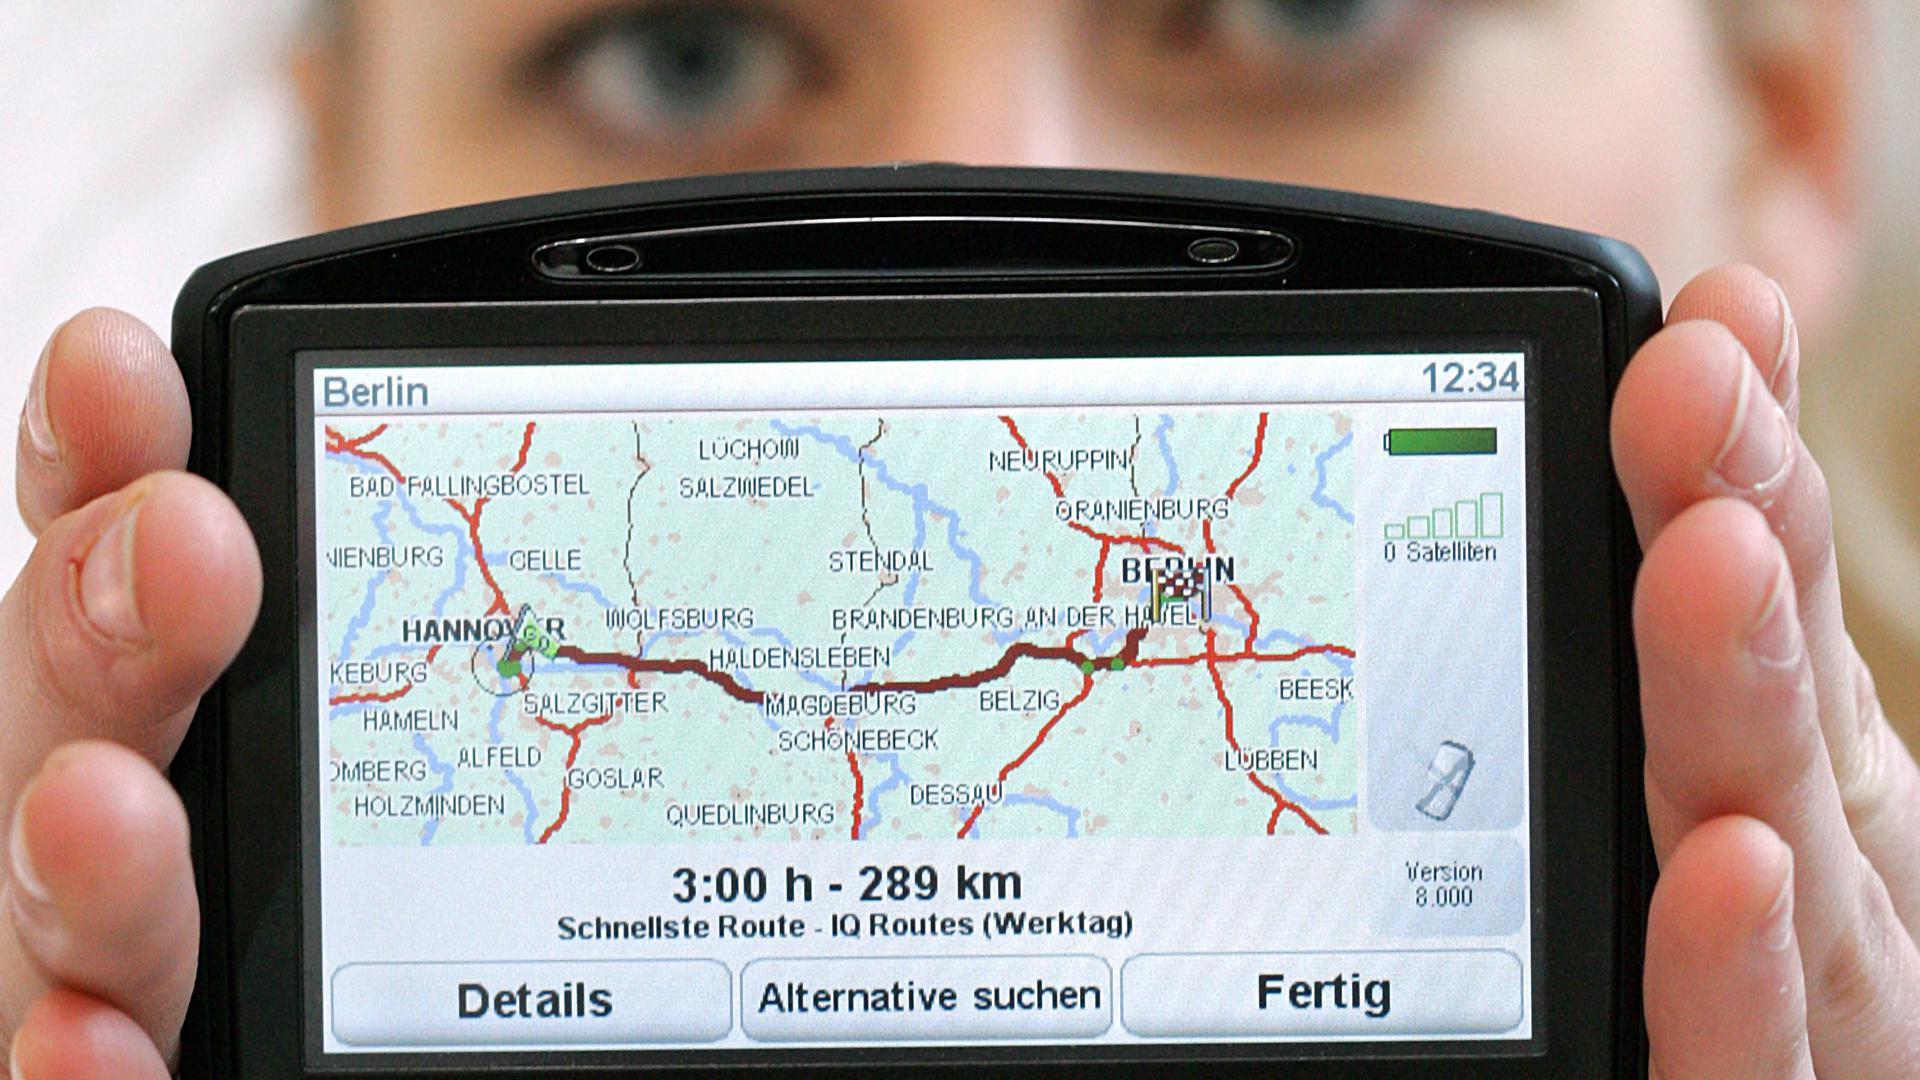 """ARCHIV - Modell Tina präsentiert auf einem Messestand auf der CeBIT in Hannover ein Navigationsgerät der Reihe TomTom GO 930T als Neuvorstellung (Archivfoto vom 03.03.2008). Neue technische Geräte erobern rheinland-pfälzische Haushalte: Bereits jeder fünfte besitzt heute ein """"Navi"""" und eine Spielkonsole, wie das Statistische Landesamt in Bad Ems mitteilte. Foto: Friso Gentsch dpa/lrs (zu lrs 7083 vom 02.12.2008) +++(c) dpa - Bildfunk+++"""